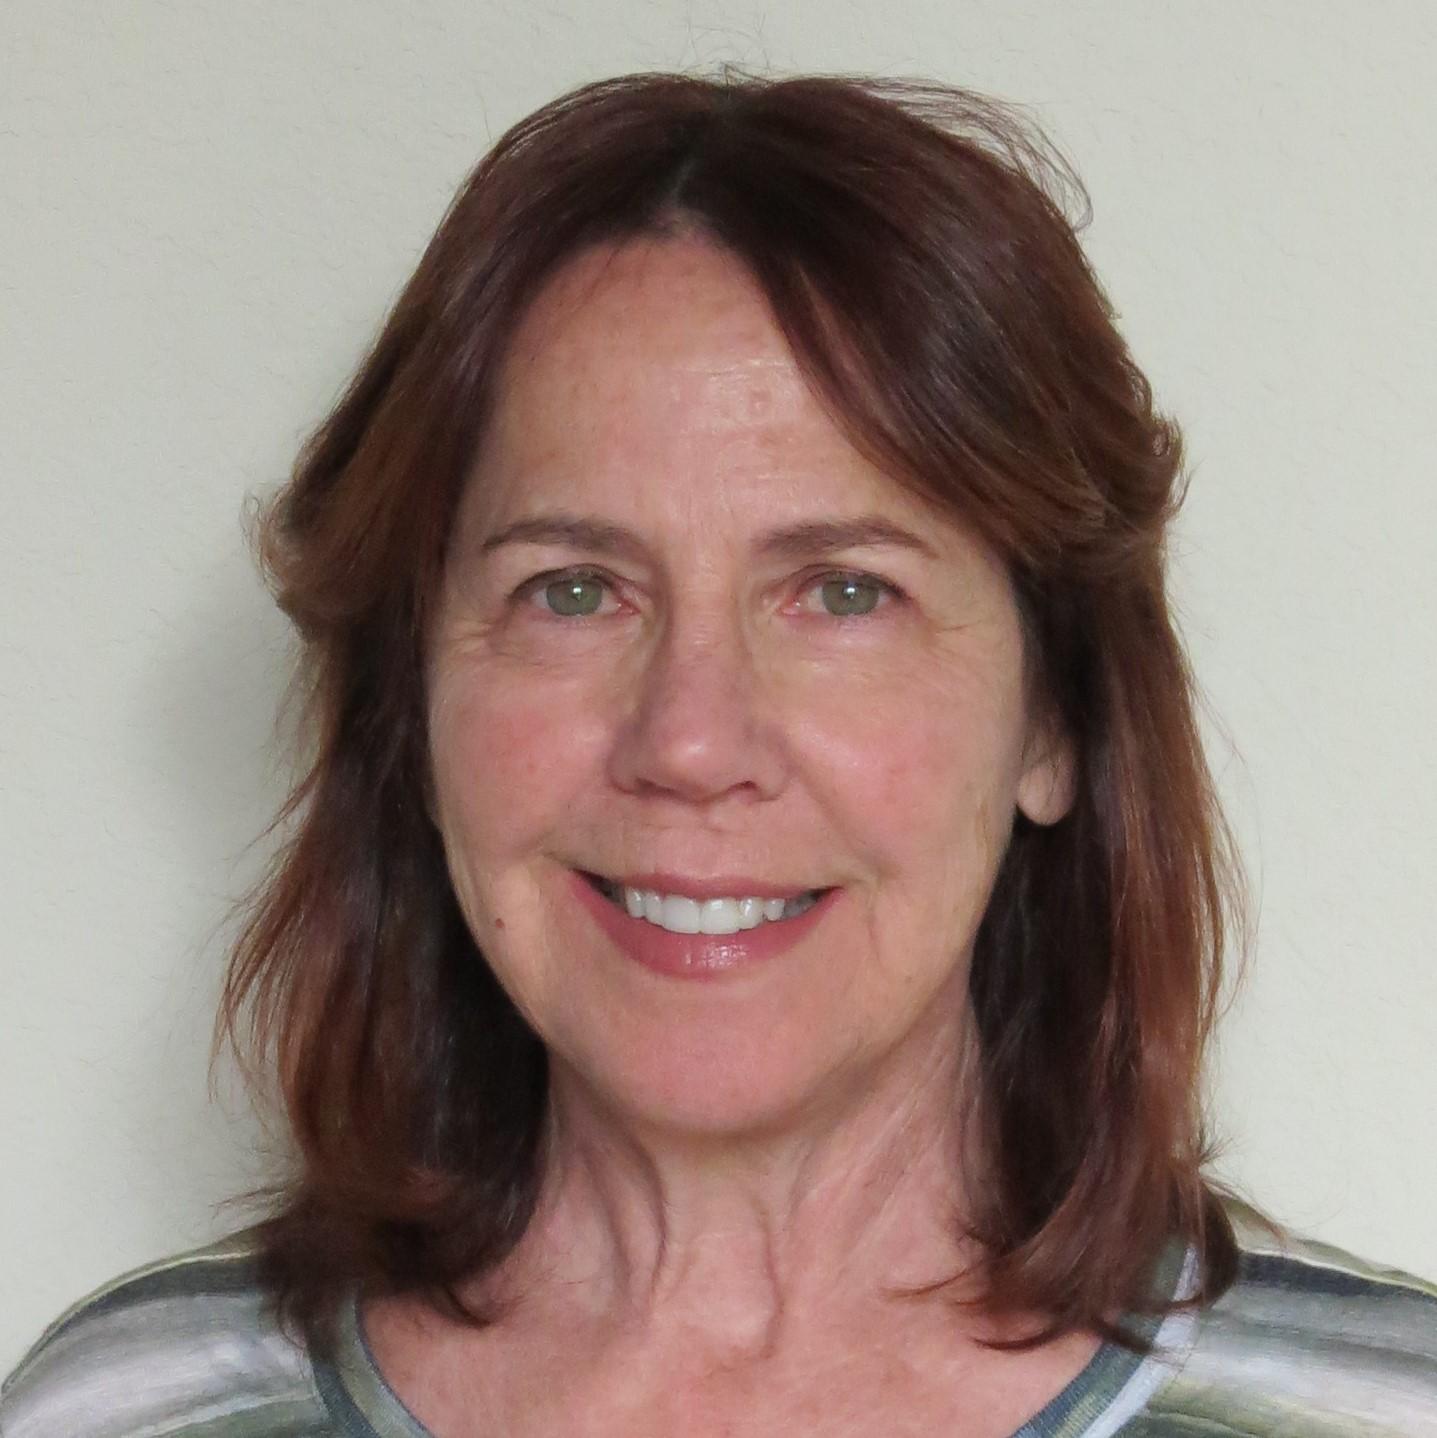 Cheri Rubin